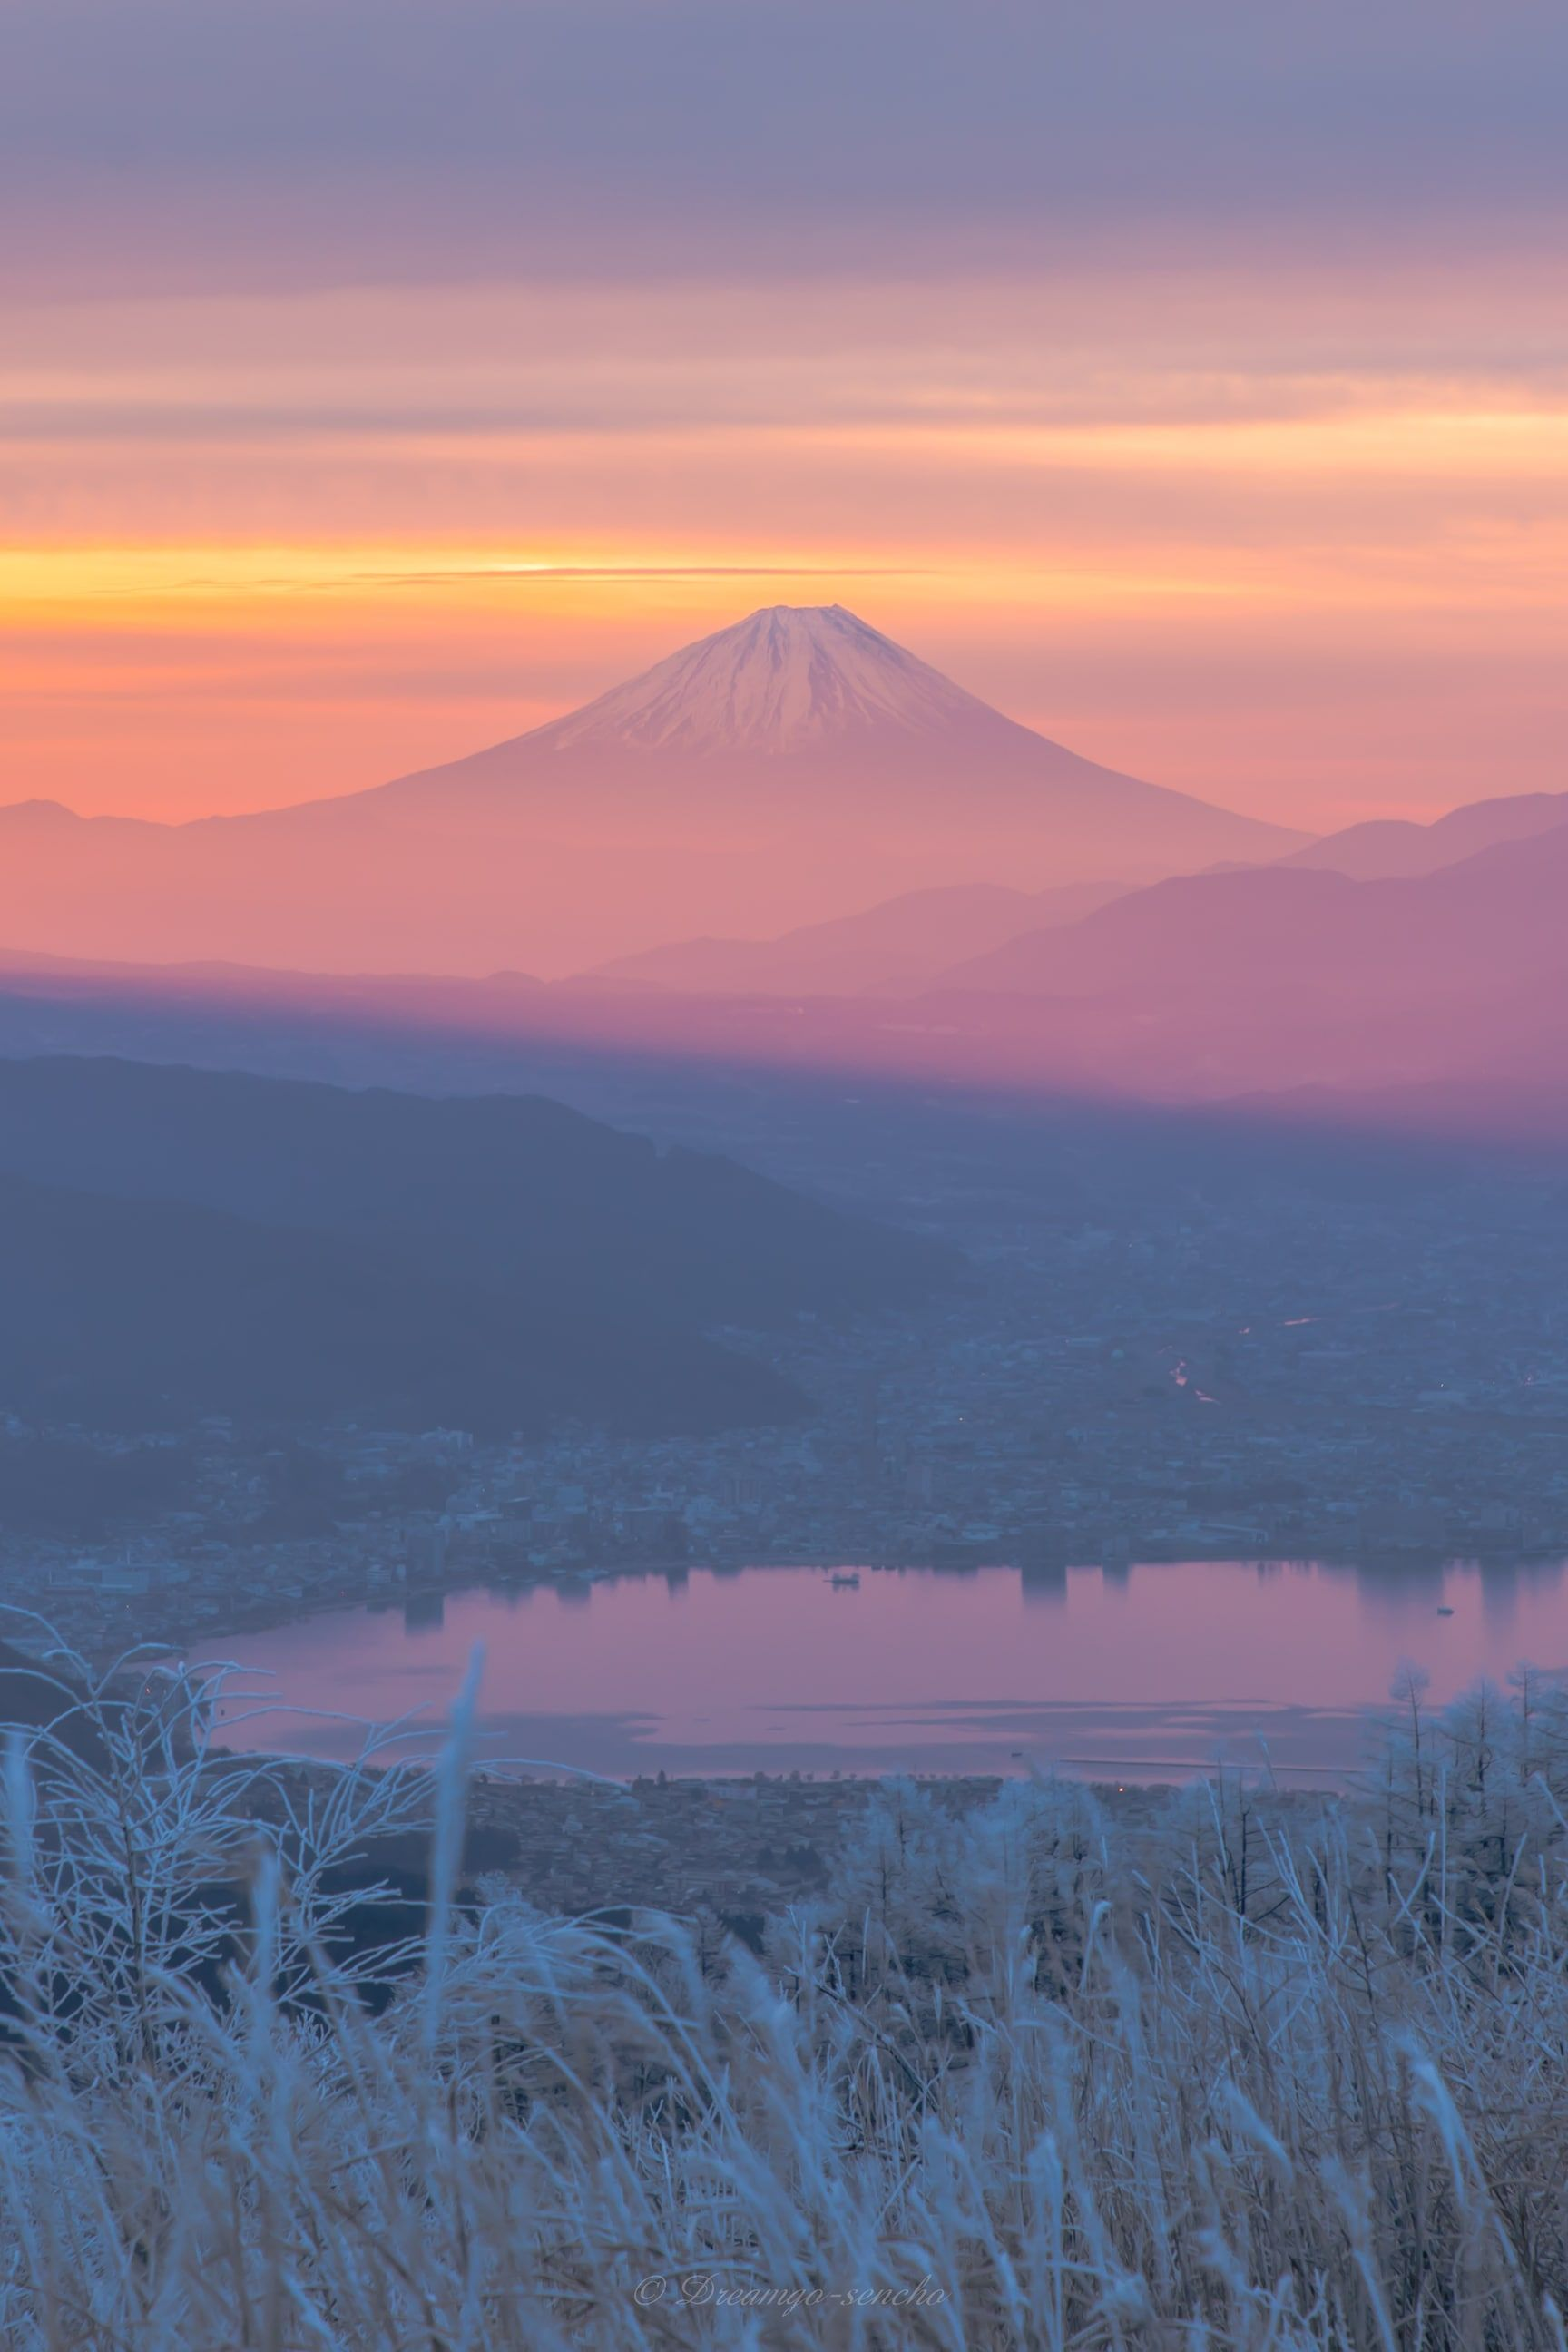 Photo by : Dreamgo_sencho . Follow us for amazing posts! #PASHADELIC #FUJIdelic . . #mtfuji #fujiyama #fujisan #photography #photooftheday #nature #naturephotography #landscape #landscapephotography #japan #japan_of_insta #japanphoto #igers #ig_japan #mountain #mountains #mountainphotography #富士山 #富士 #山